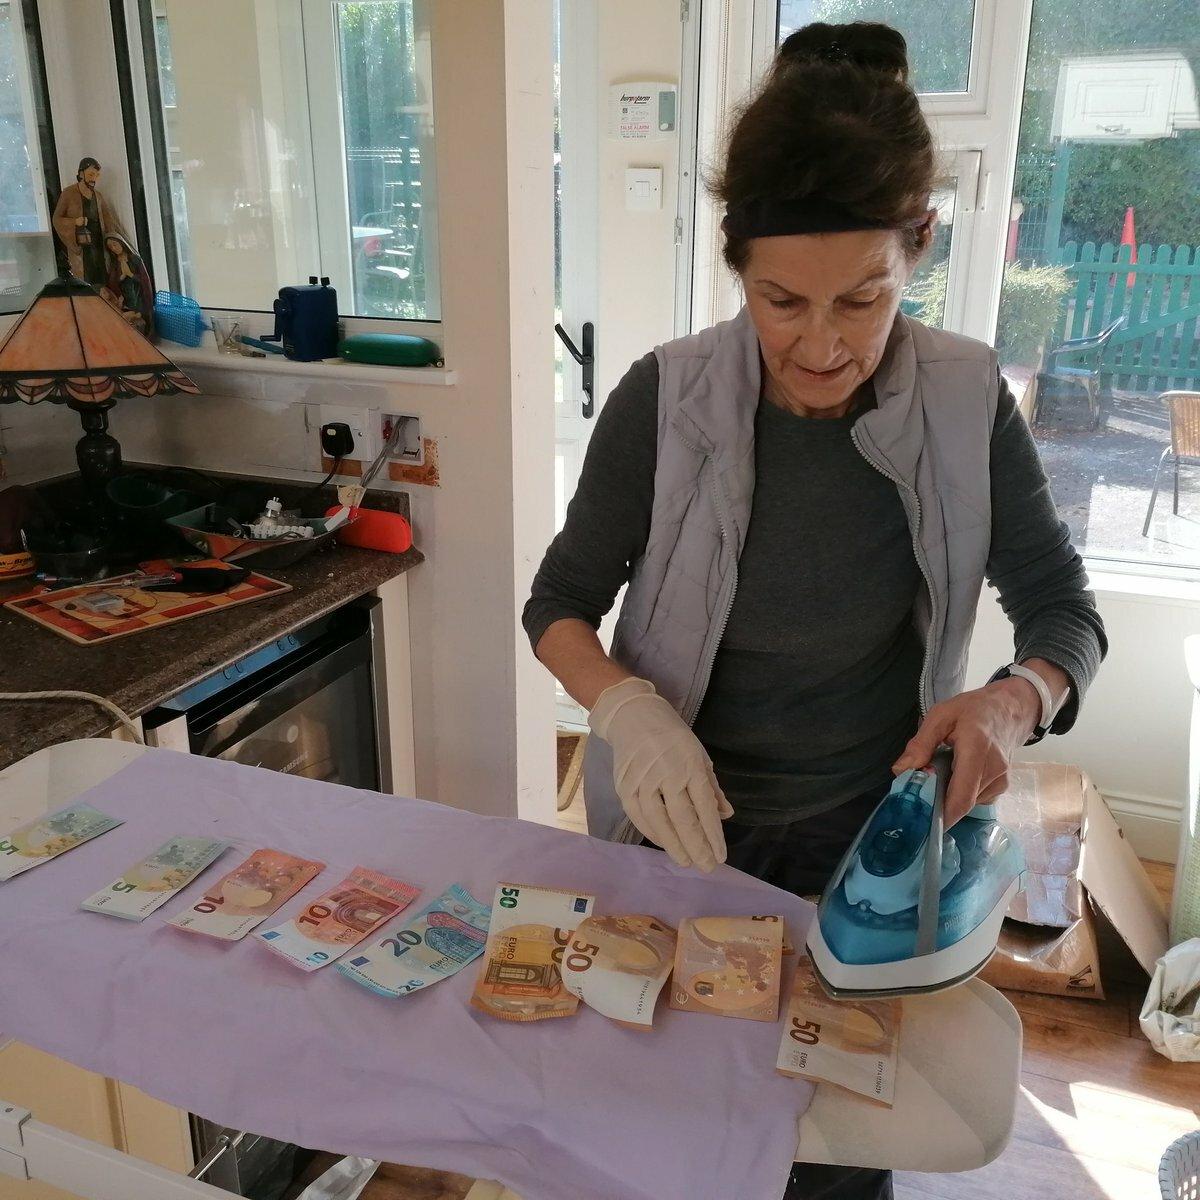 Một người khác bình luận kèm theo hình ảnh mẹ cô dùng bàn là làm sạch các tờ tiền để phòng ngừa virus.